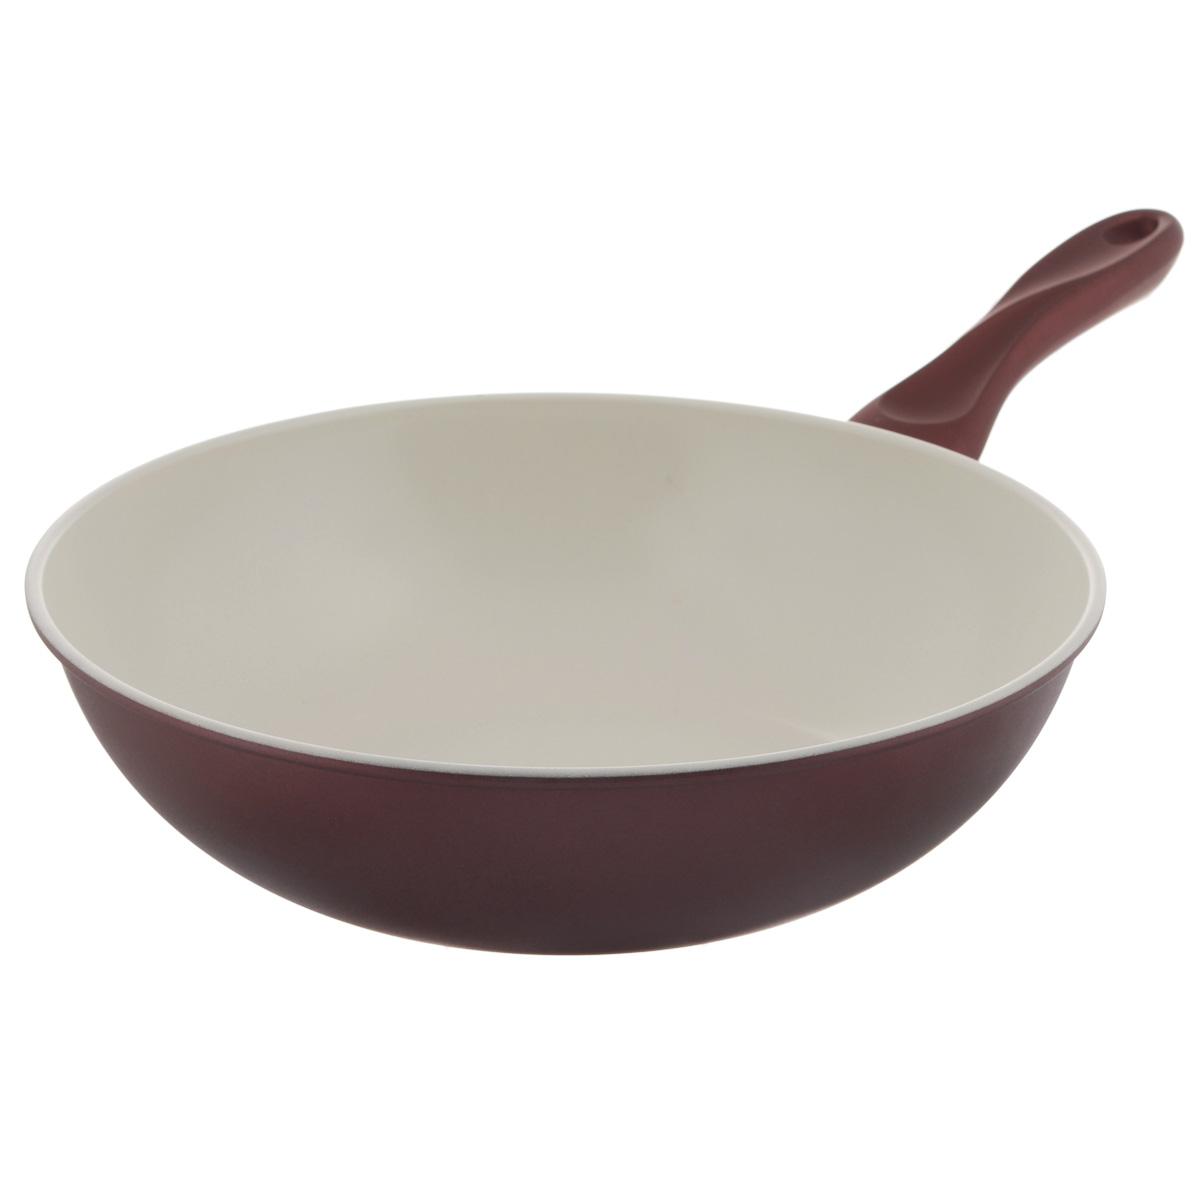 Сковорода-вок Mayer & Boch, с керамическим покрытием, цвет: коричневый, перламутровый. Диаметр 30 смFS-80299Сковорода Вок Mayer & Boch изготовлена из углеродистой стали с высококачественным керамическим покрытием. Керамика не содержит вредных примесей ПФОК, что способствует здоровому и экологичному приготовлению пищи. Кроме того, с таким покрытием пища не пригорает и не прилипает к стенкам, поэтому можно готовить с минимальным добавлением масла и жиров. Гладкая, идеально ровная поверхность сковороды легко чистится, ее можно мыть в воде руками или вытирать полотенцем. Эргономичная ручка специального дизайна выполнена из силикона.Сковорода подходит для использования на газовых и электрических плитах. Также изделие можно мыть в посудомоечной машине. Диаметр: 30 см. Высота стенки: 8 см. Толщина стенки: 1,2 мм. Толщина дна: 2 мм. Длина ручки: 19 см. Диаметр дна: 19 см.